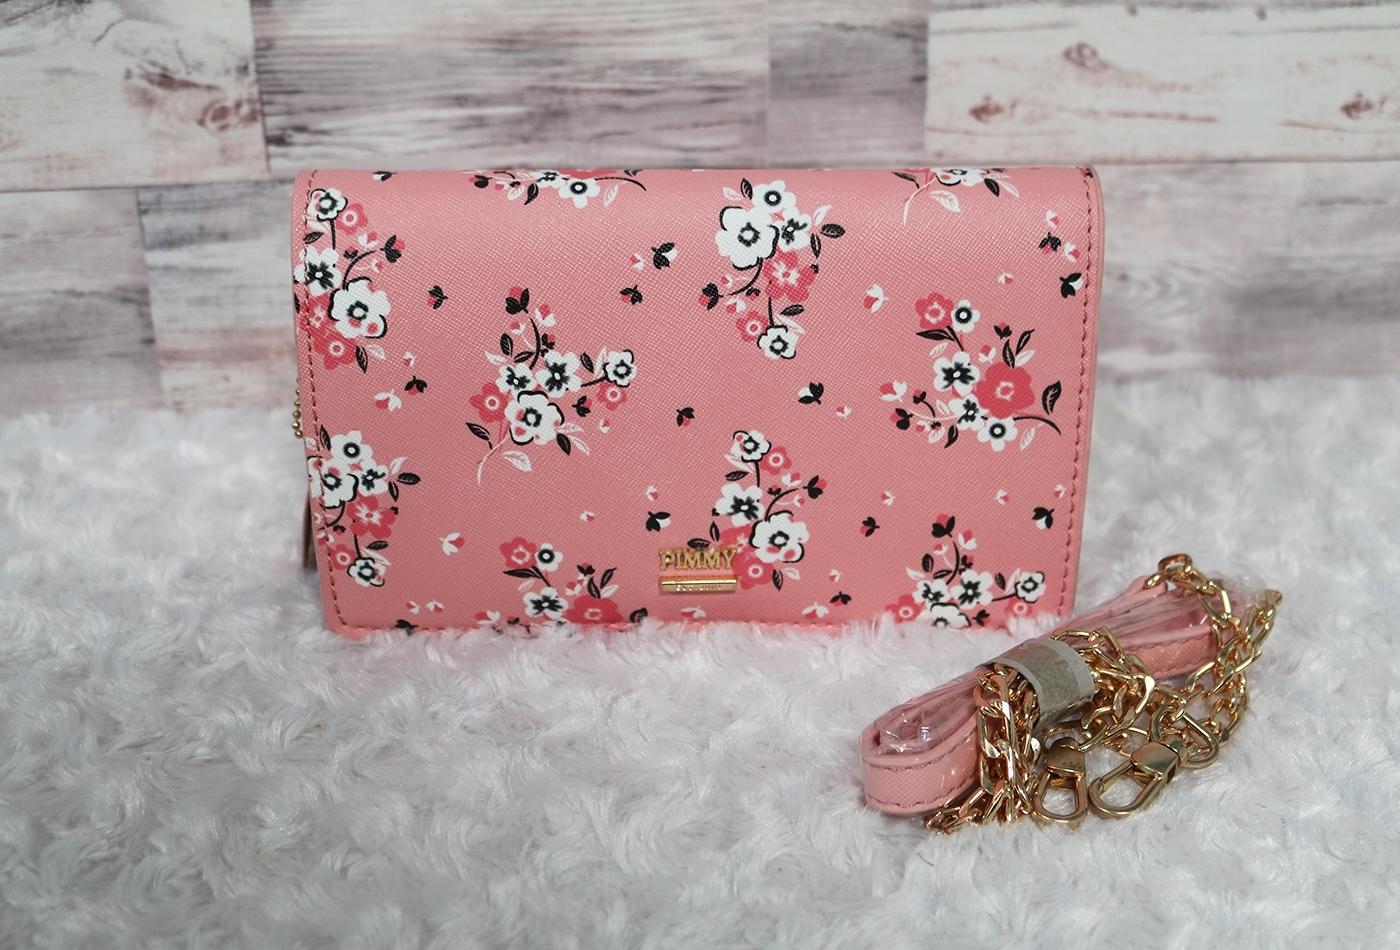 กระเป๋าพิมมี่สะพายข้างขนาด 1.5*7.8*4.5 นิ้ว ลายดอกไม้ น่ารัก อะไหล่สีทอง ซิปปั๊มแบรนด์พิมมี่ สายสะพายโซ่มีรองบ่า